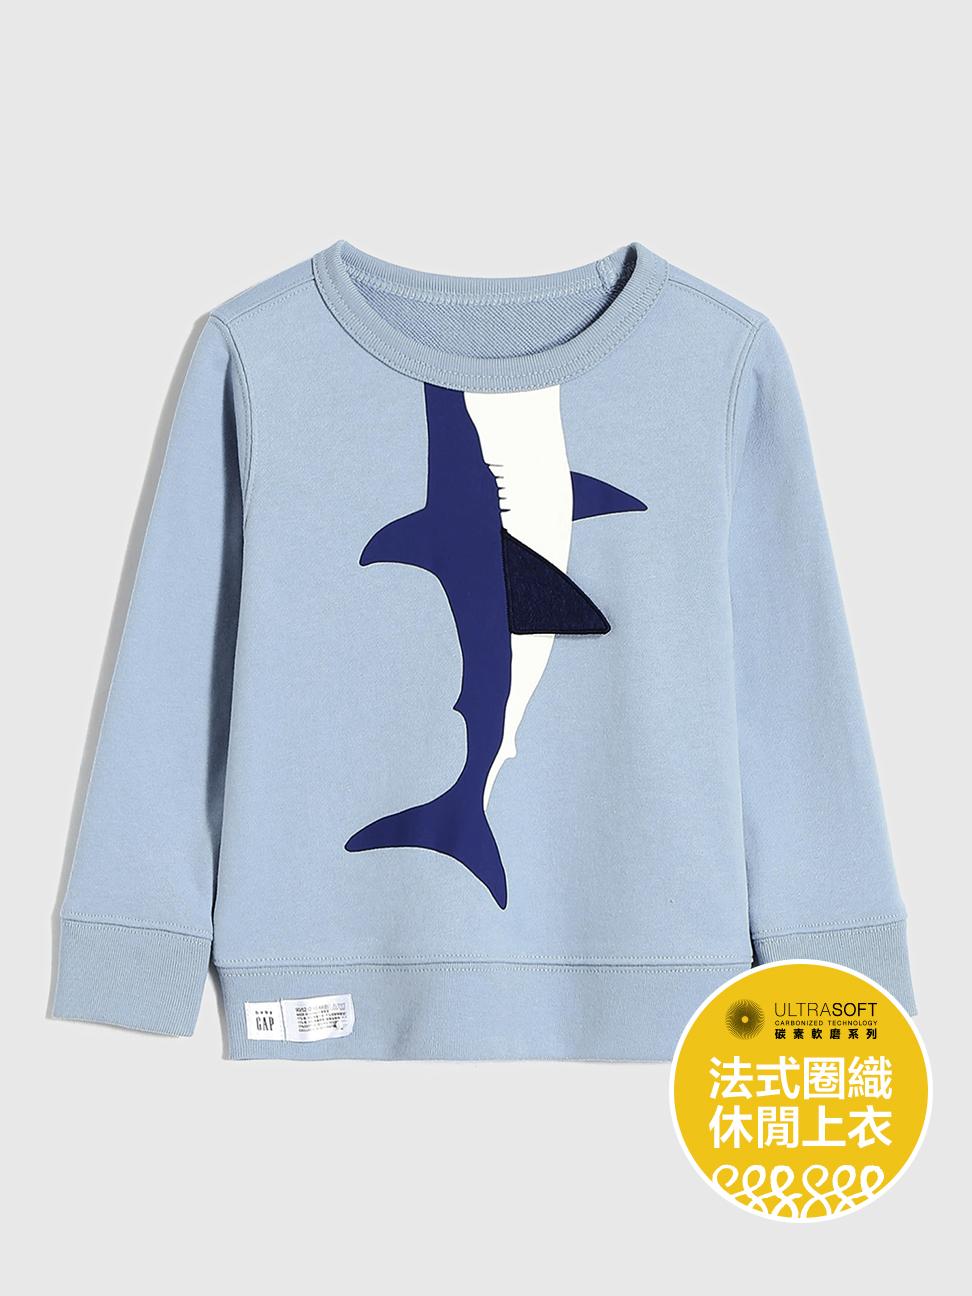 幼童 碳素軟磨系列法式圈織 互動趣味休閒上衣